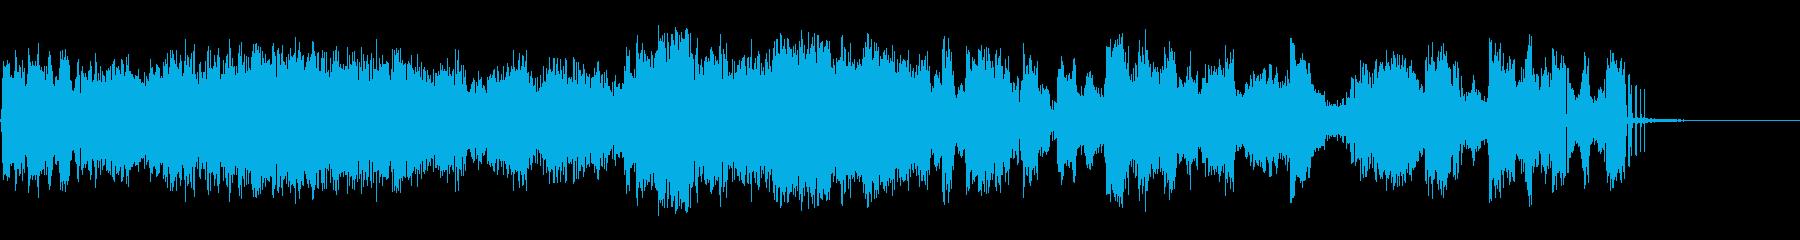 信号破壊の再生済みの波形